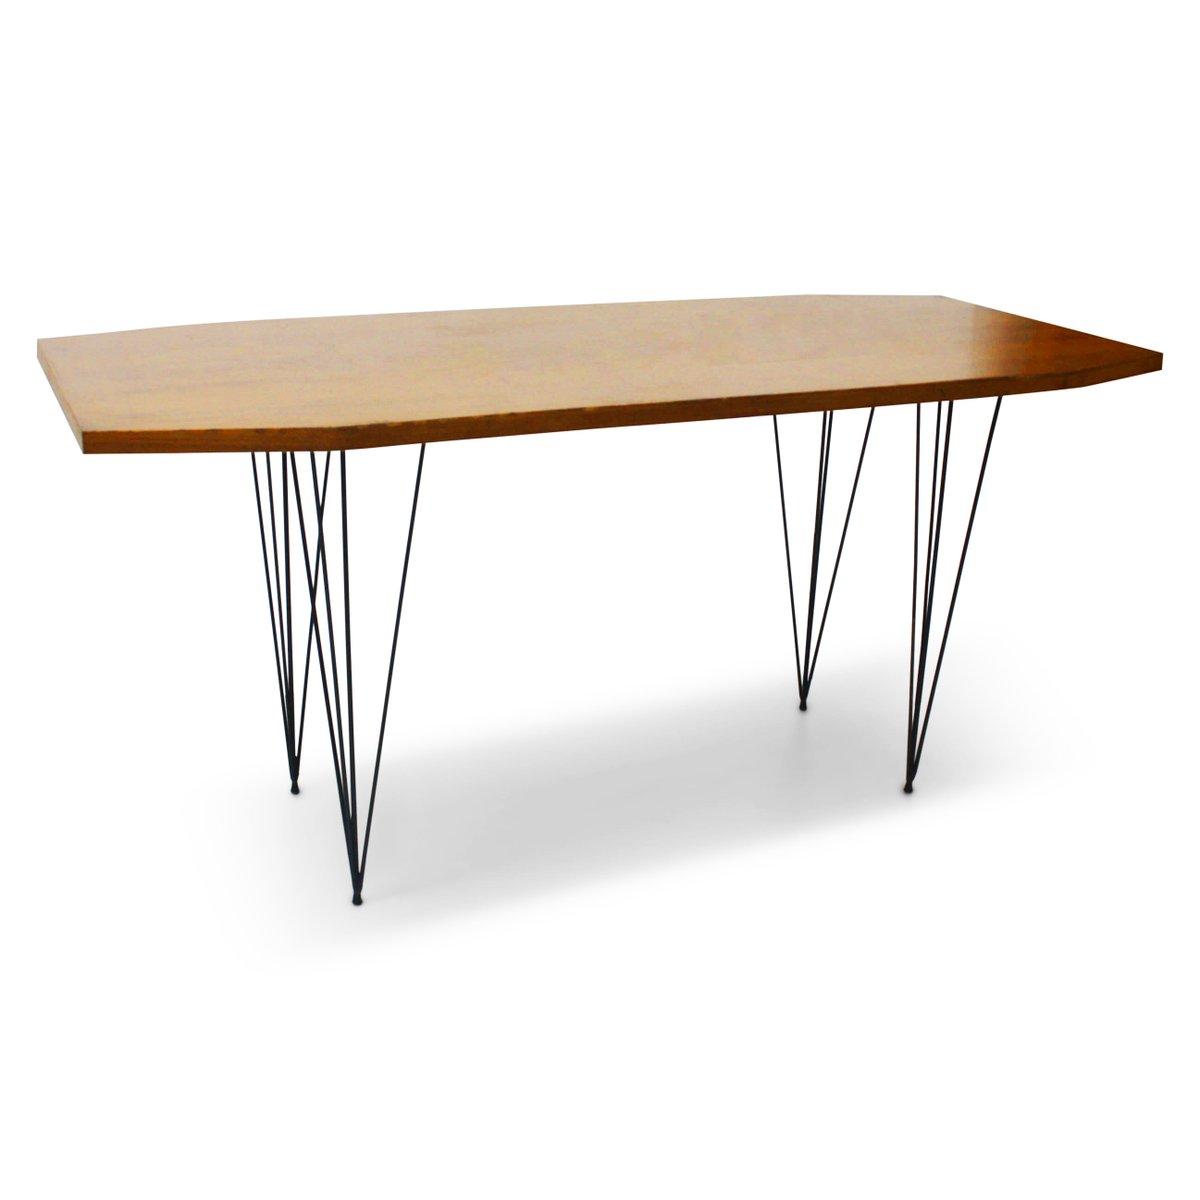 italienischer vintage tisch mit hairpin beinen bei pamono kaufen. Black Bedroom Furniture Sets. Home Design Ideas